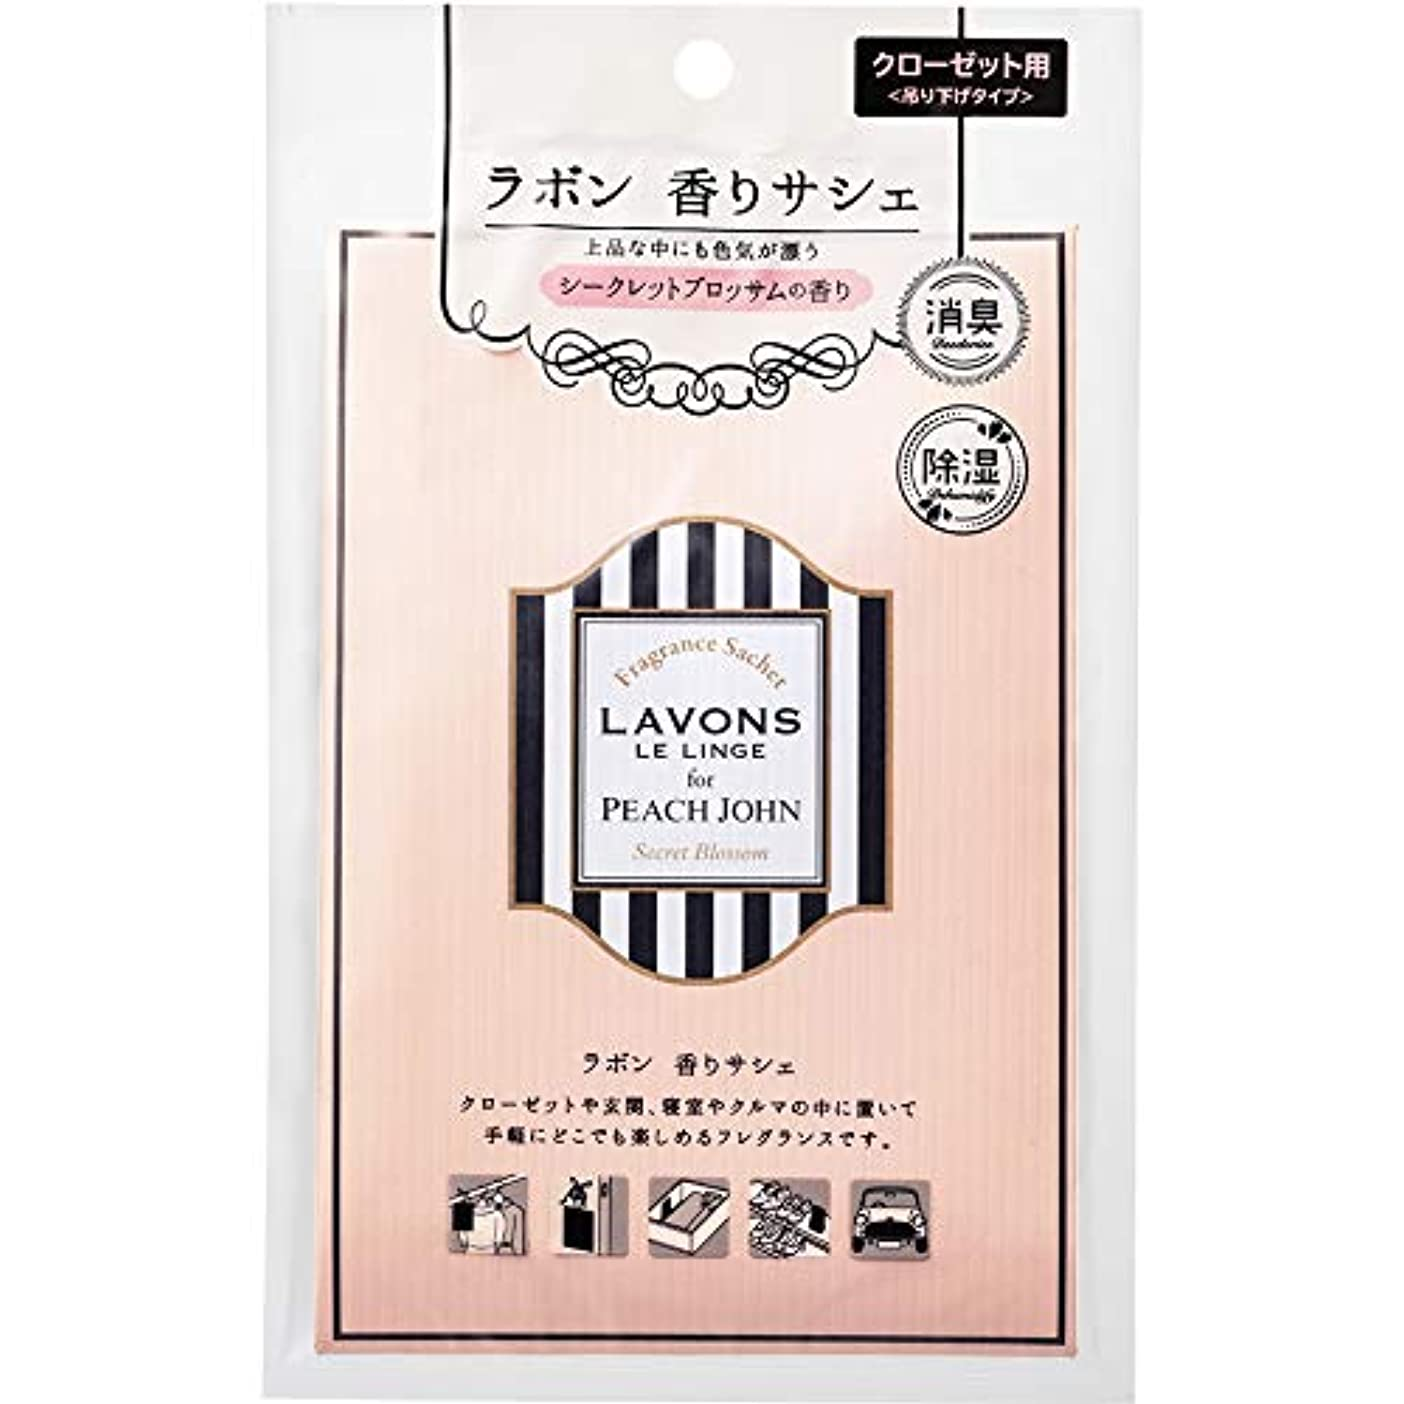 勝利全くインフルエンザラボン for PEACH JOHN 香りサシェ (香り袋) シークレットブロッサムの香り 20g